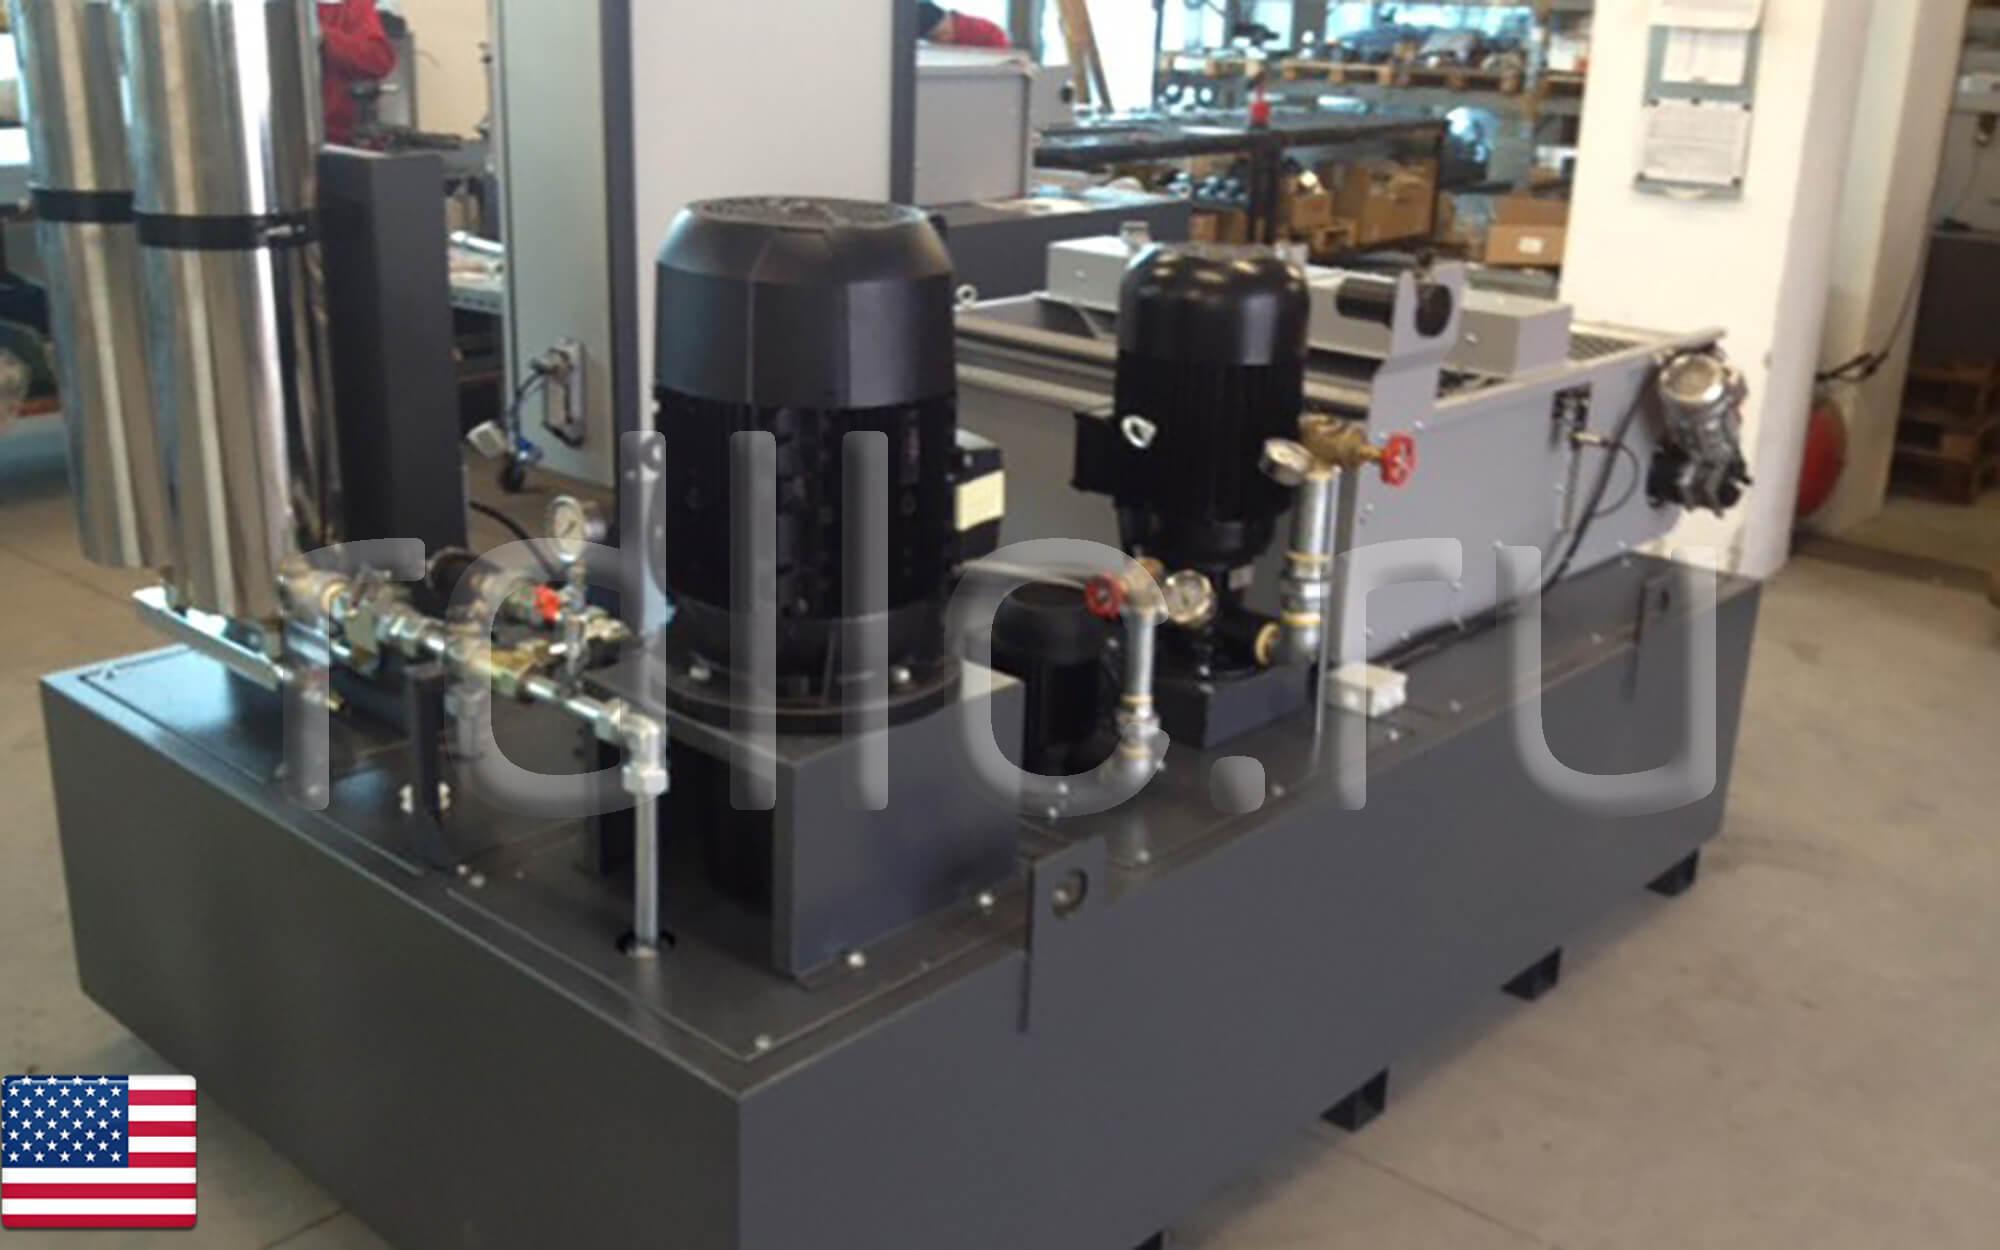 Поставка систем фильтрации с эффективностью очистки СОЖ до 3 микрон (фильтр СОЖ гравитационного типа Evotech Deep   магнитный сепаратор СОЖ Kalamit   портативная мобильная установка очистки СОЖ Oil Clean)